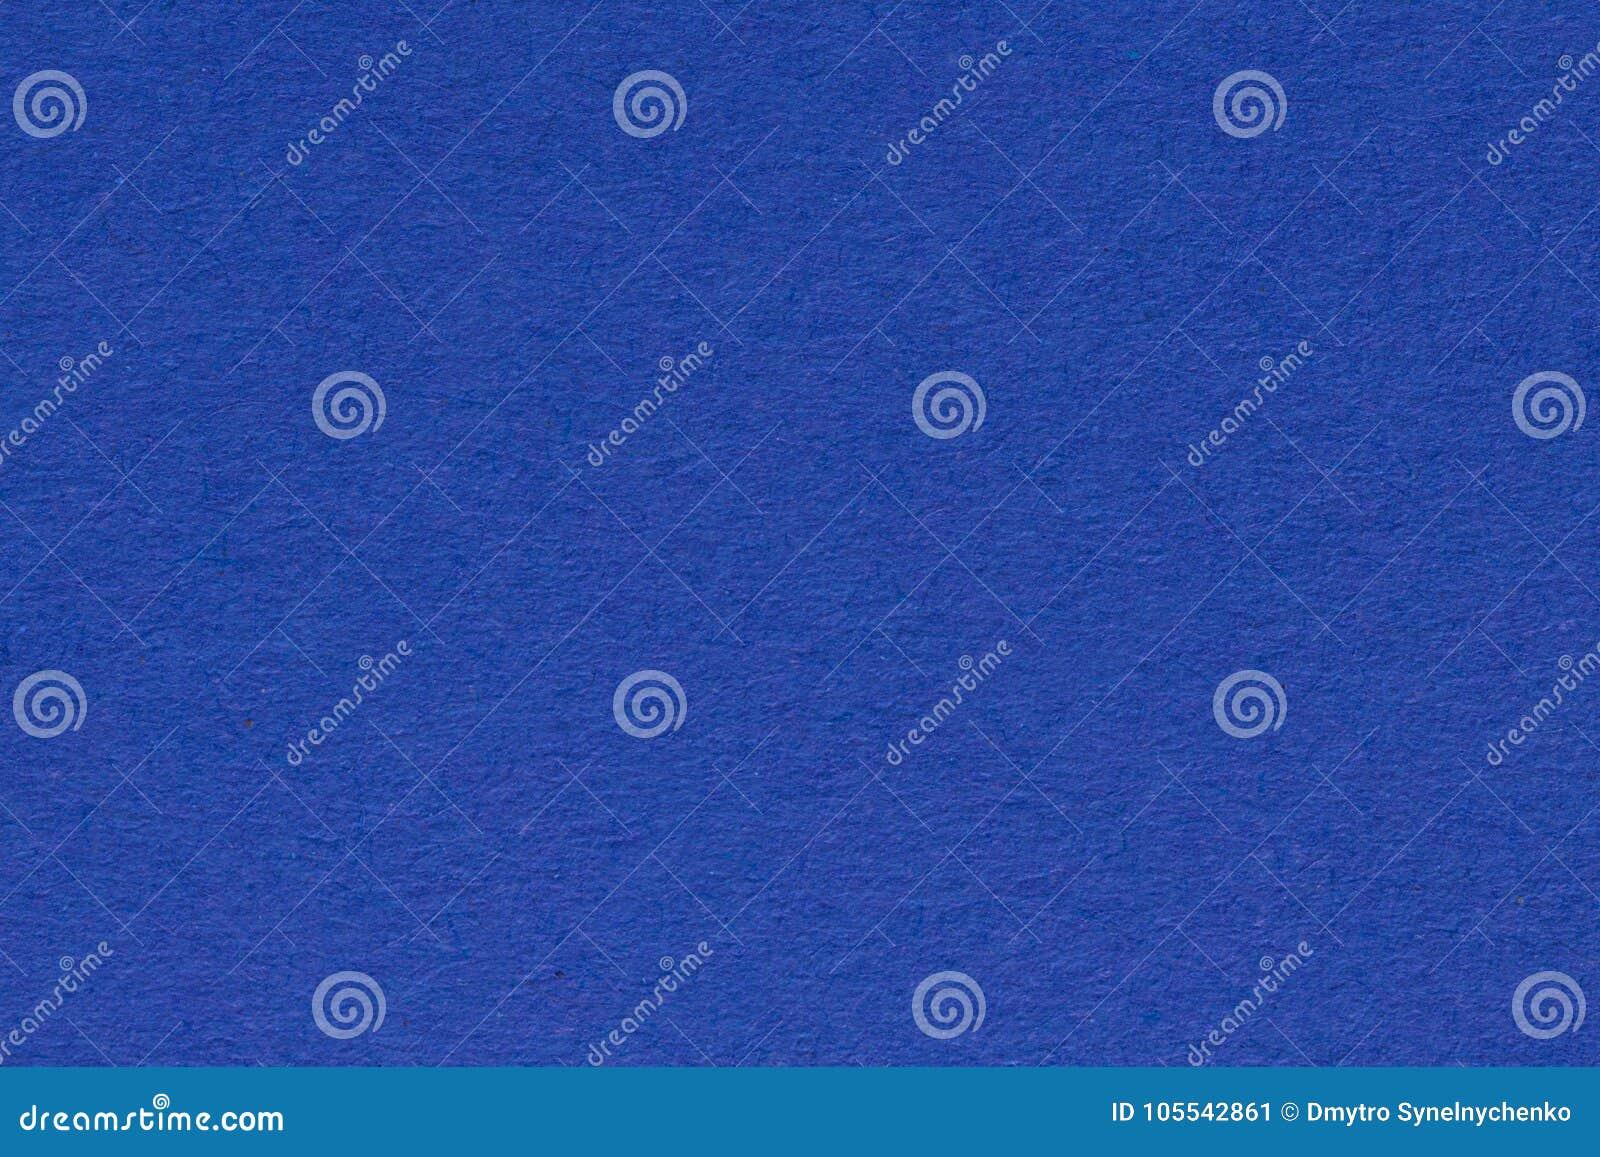 Svuoti, soltanto fondo blu scuro e profondo